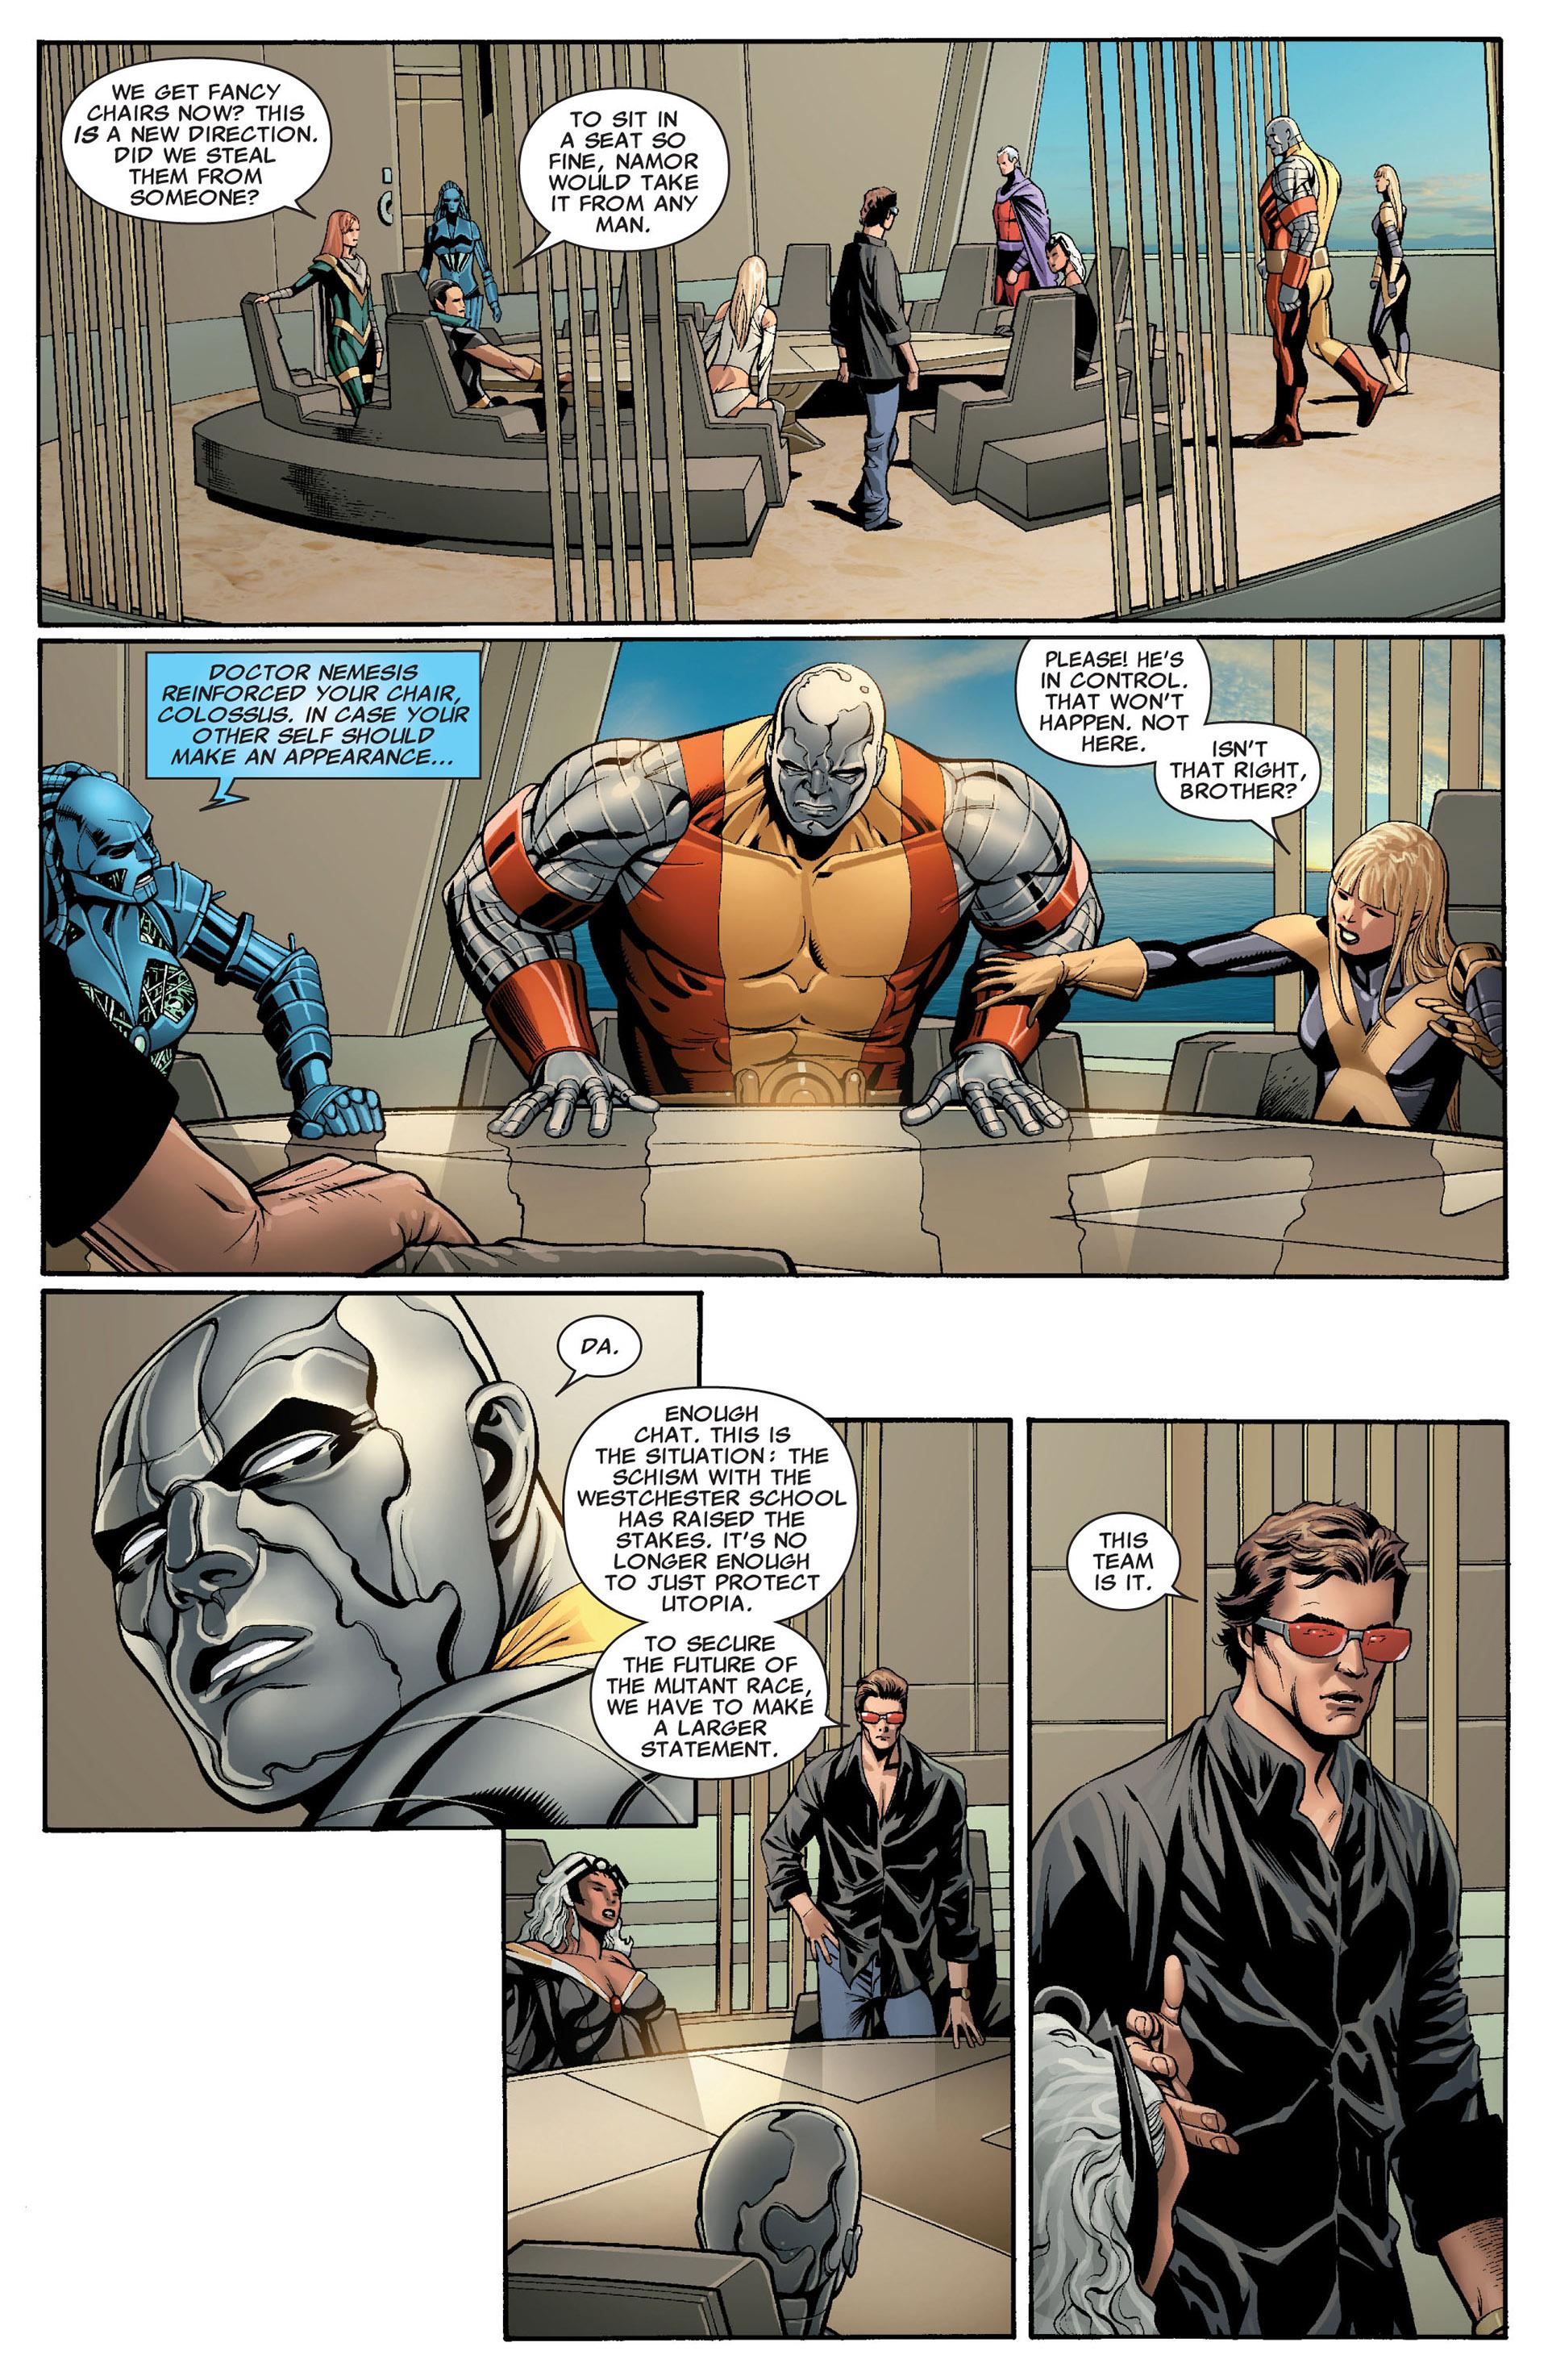 Read online Uncanny X-Men (2012) comic -  Issue #1 - 9